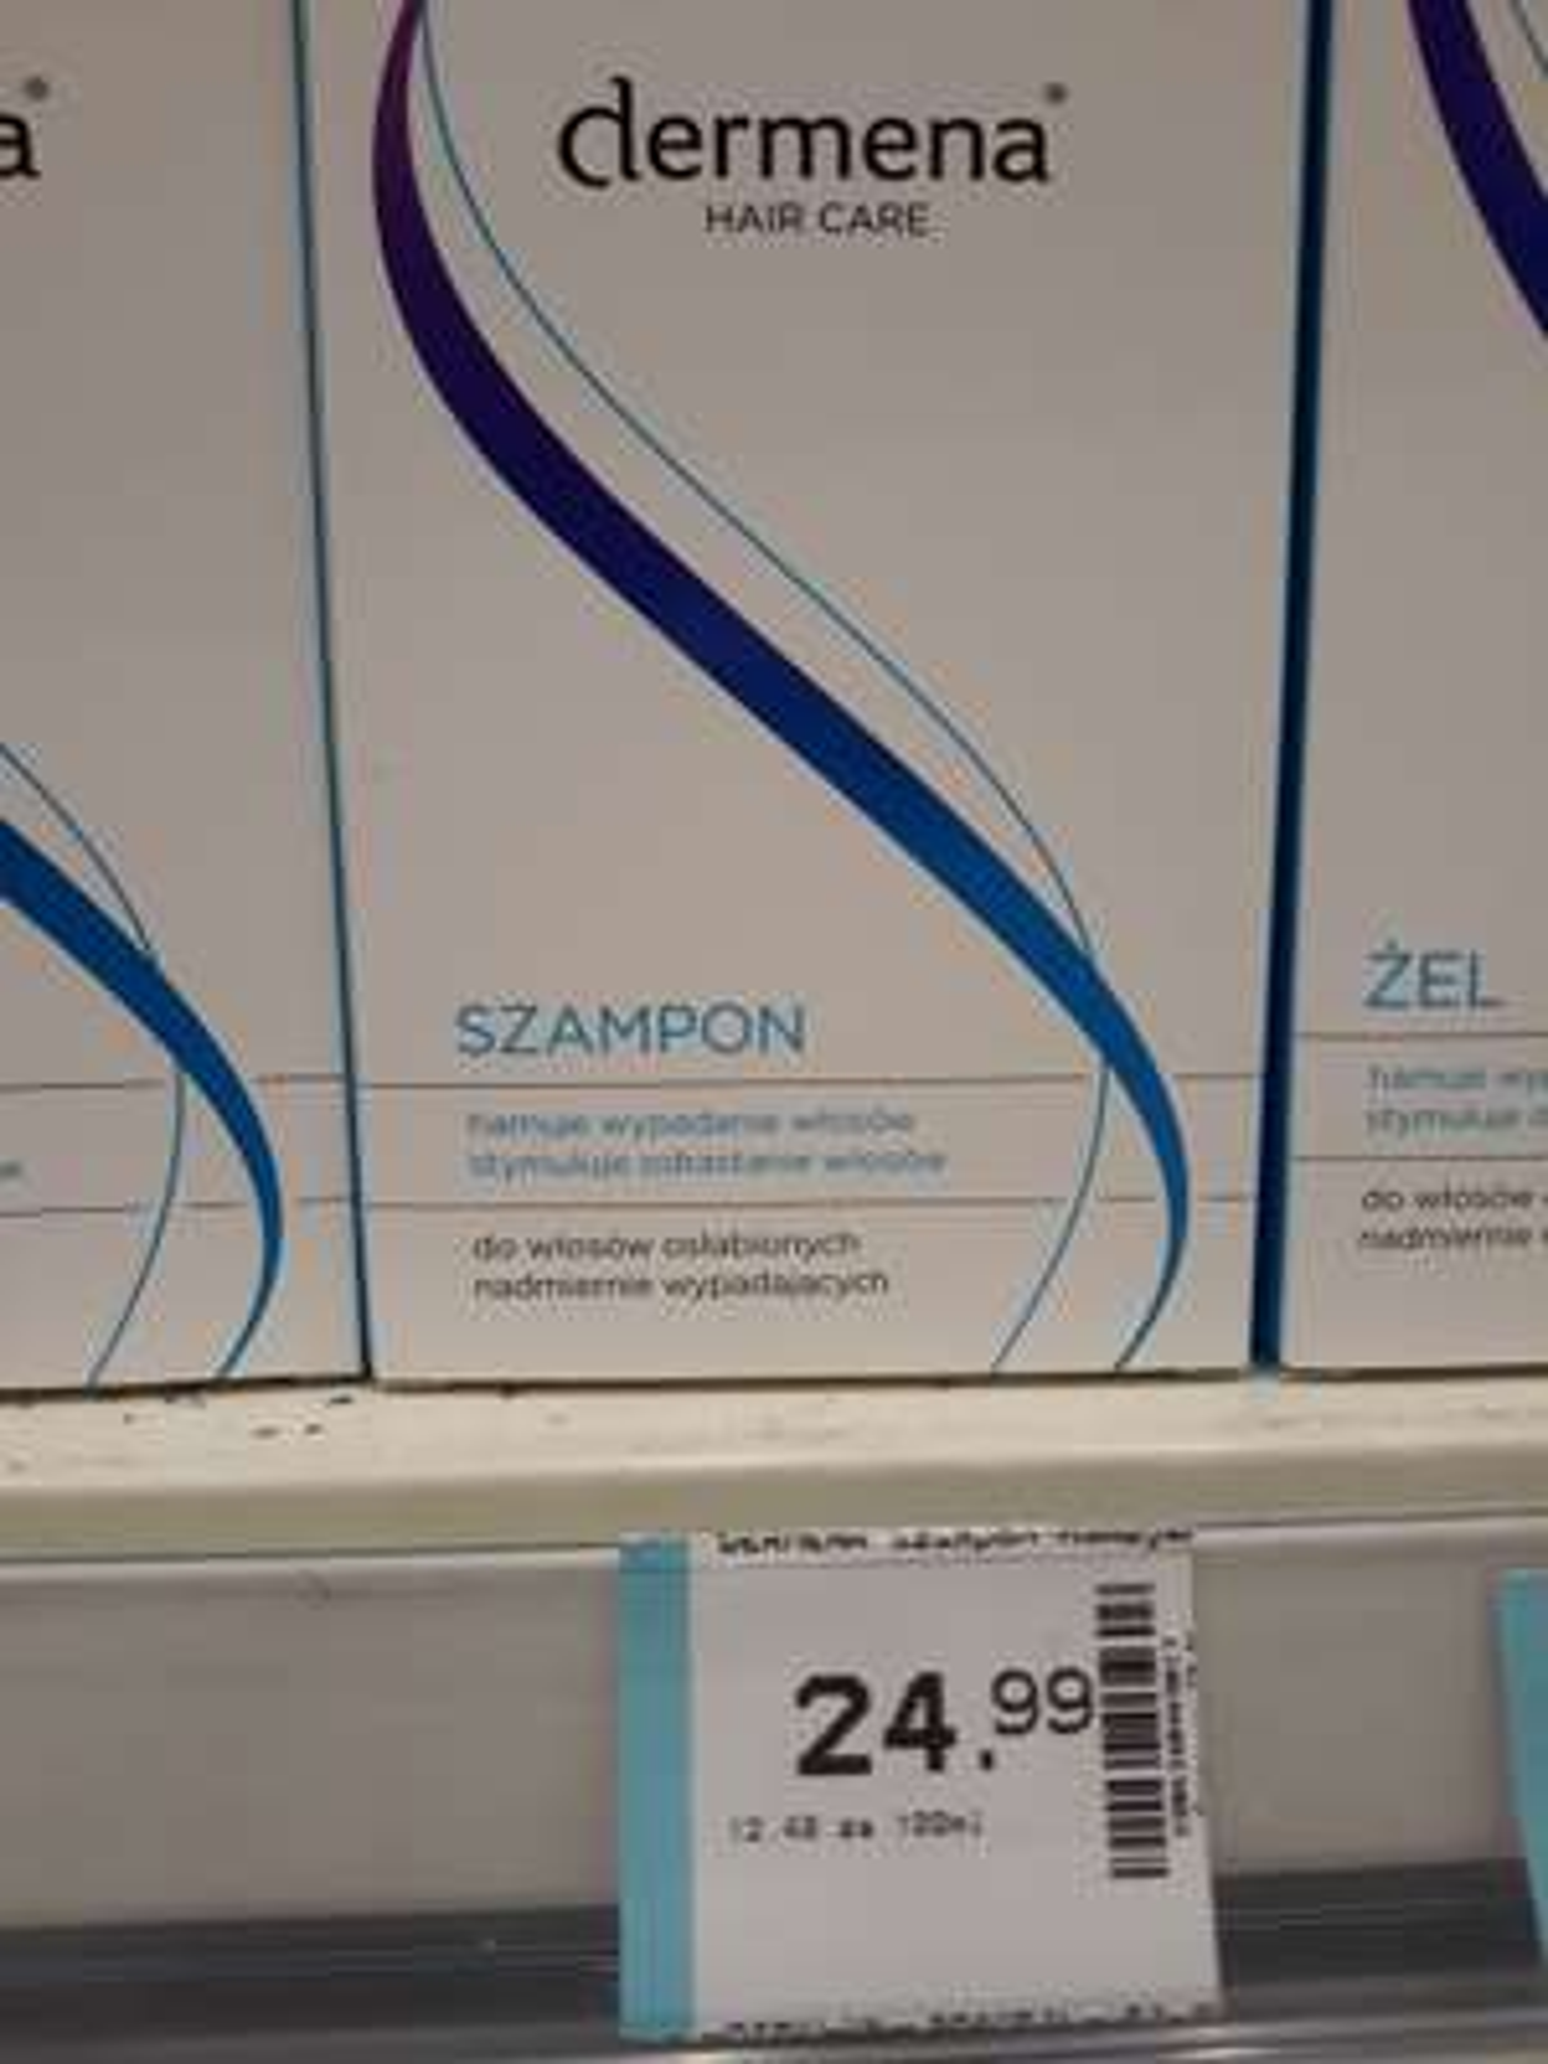 Szampon Dermena - Super-Pharm błąd cenowy